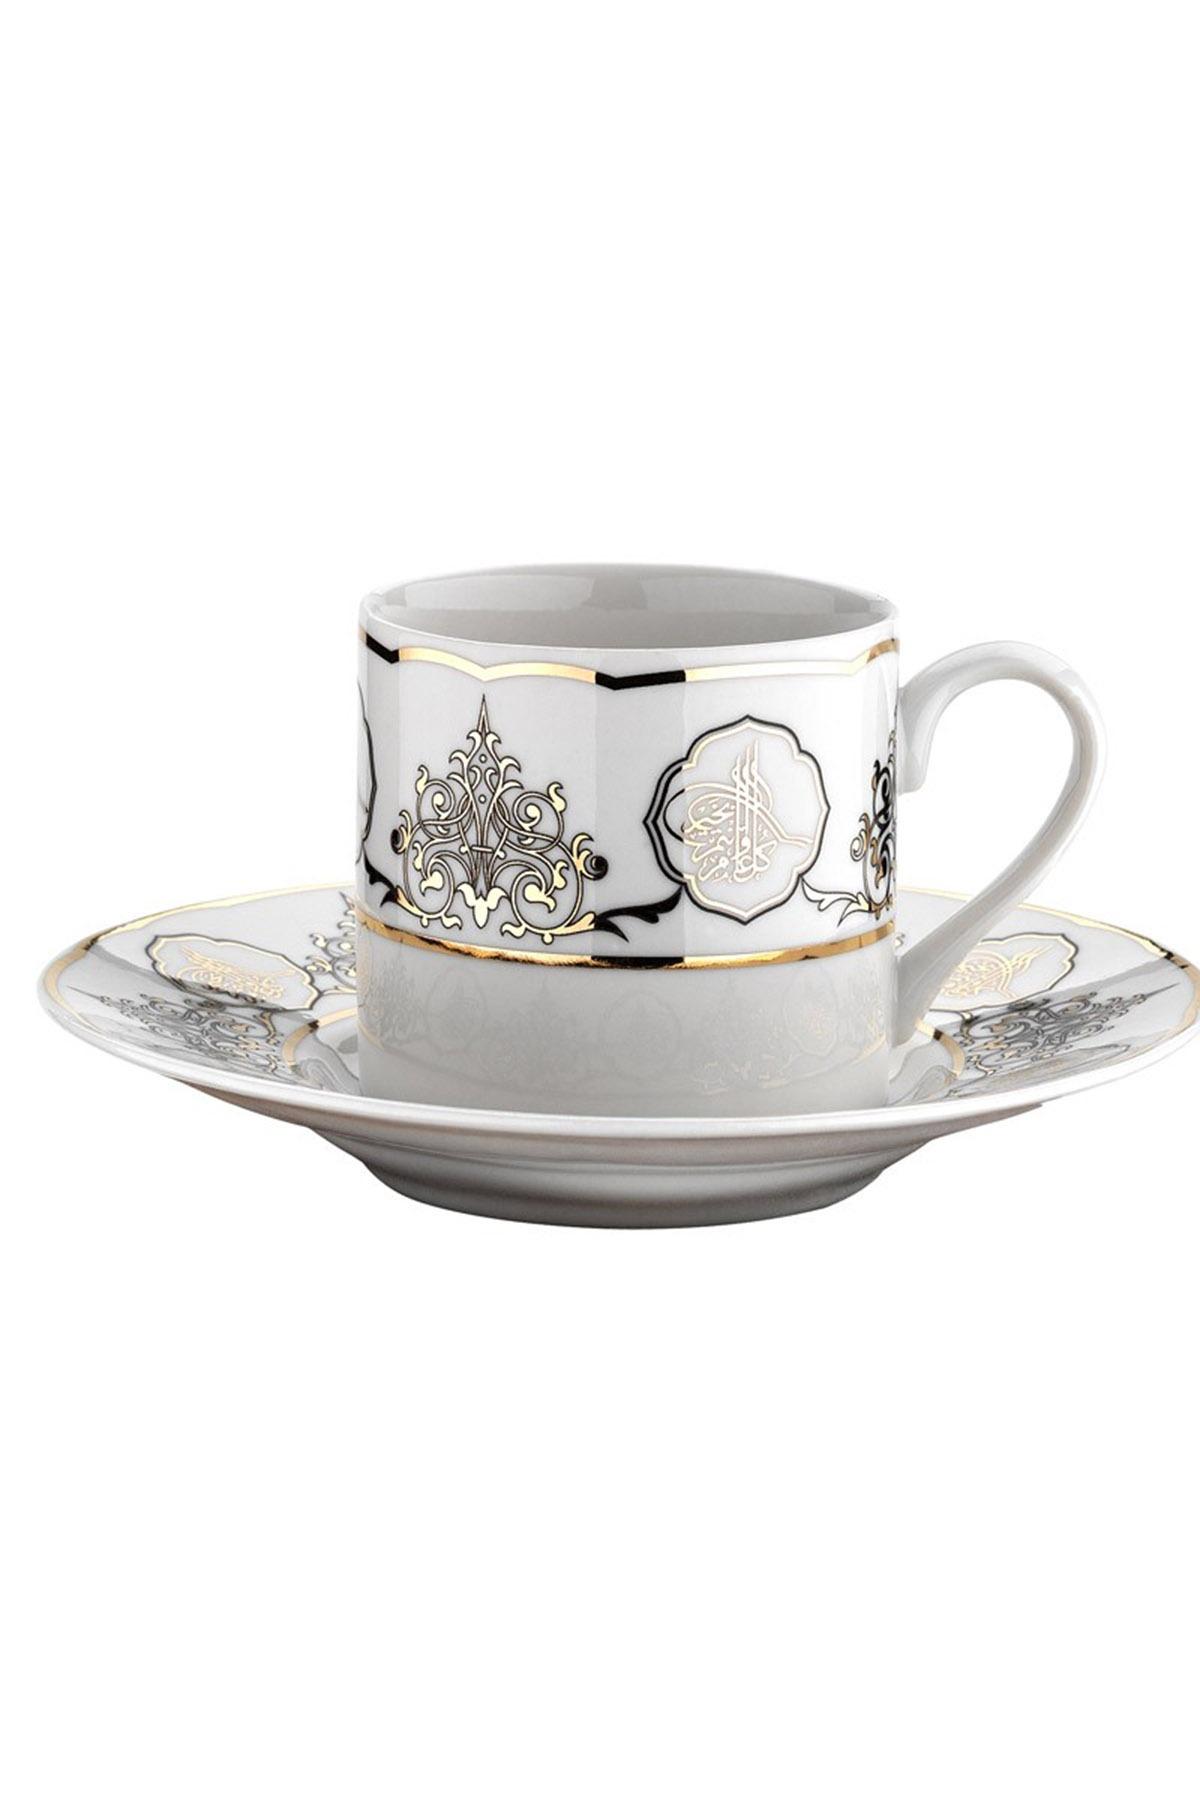 Kütahya Porselen - Kütahya Porselen Rüya 7736 Desen Kahve Fincan Takımı